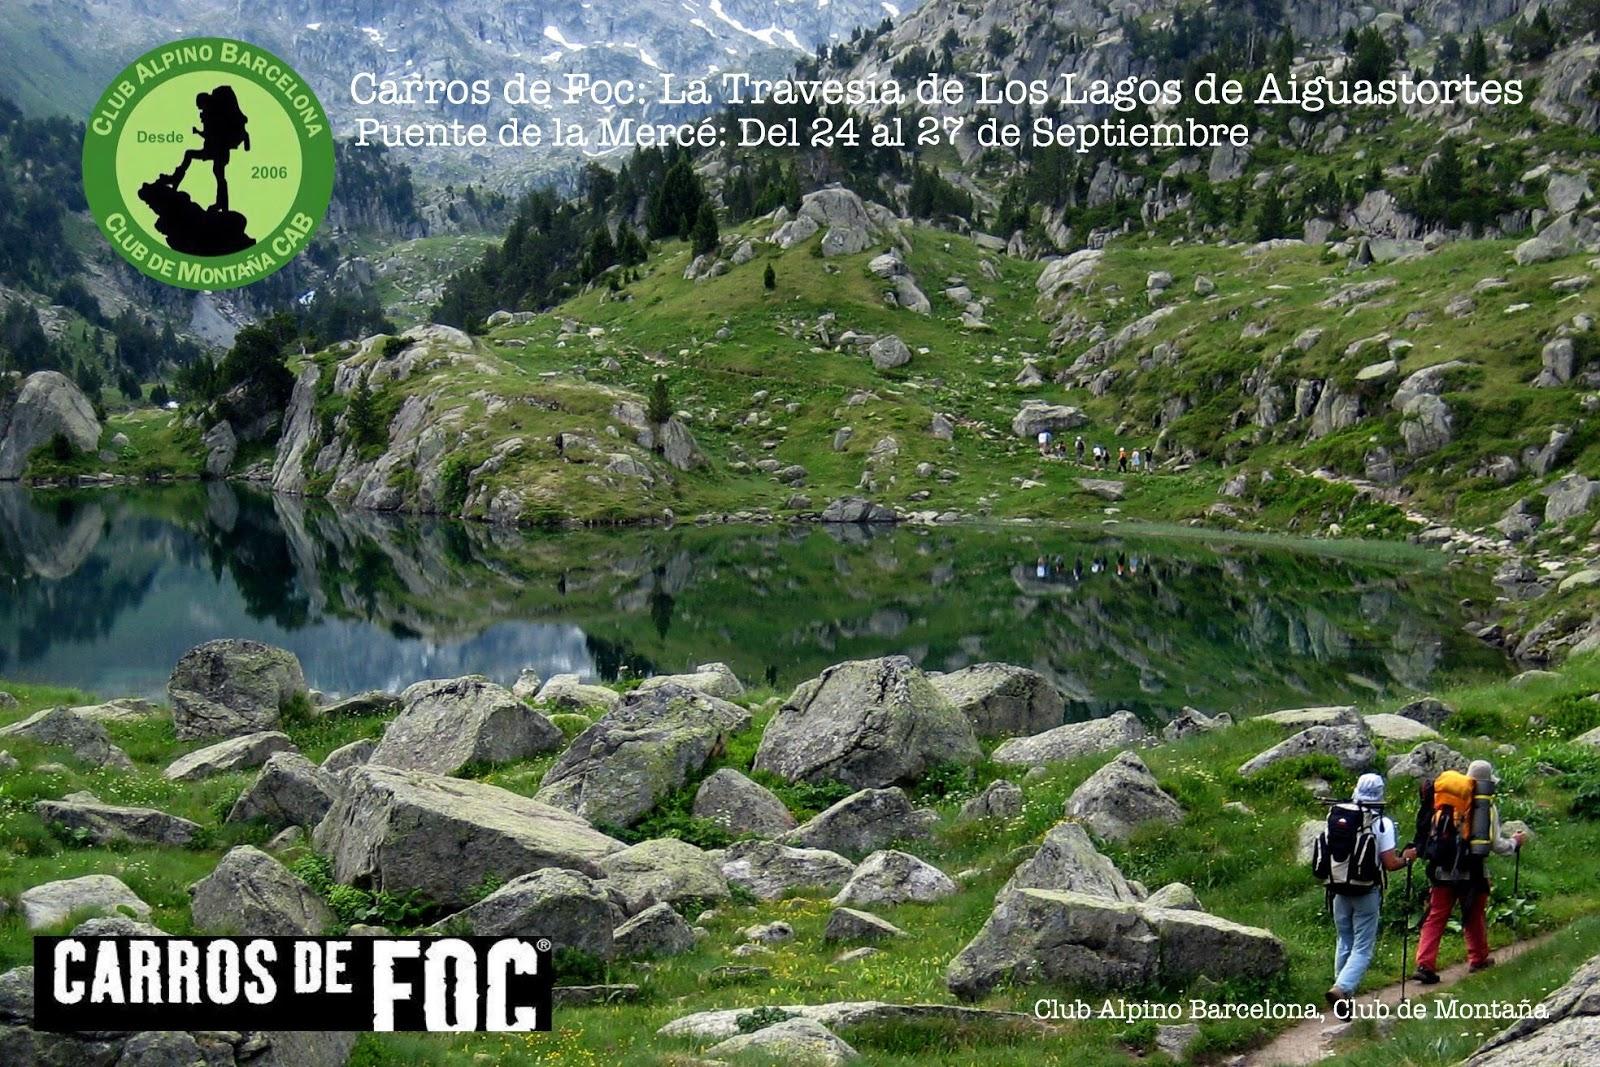 Club Alpino Barcelona Trekking Carros De Foc La Ruta De Los